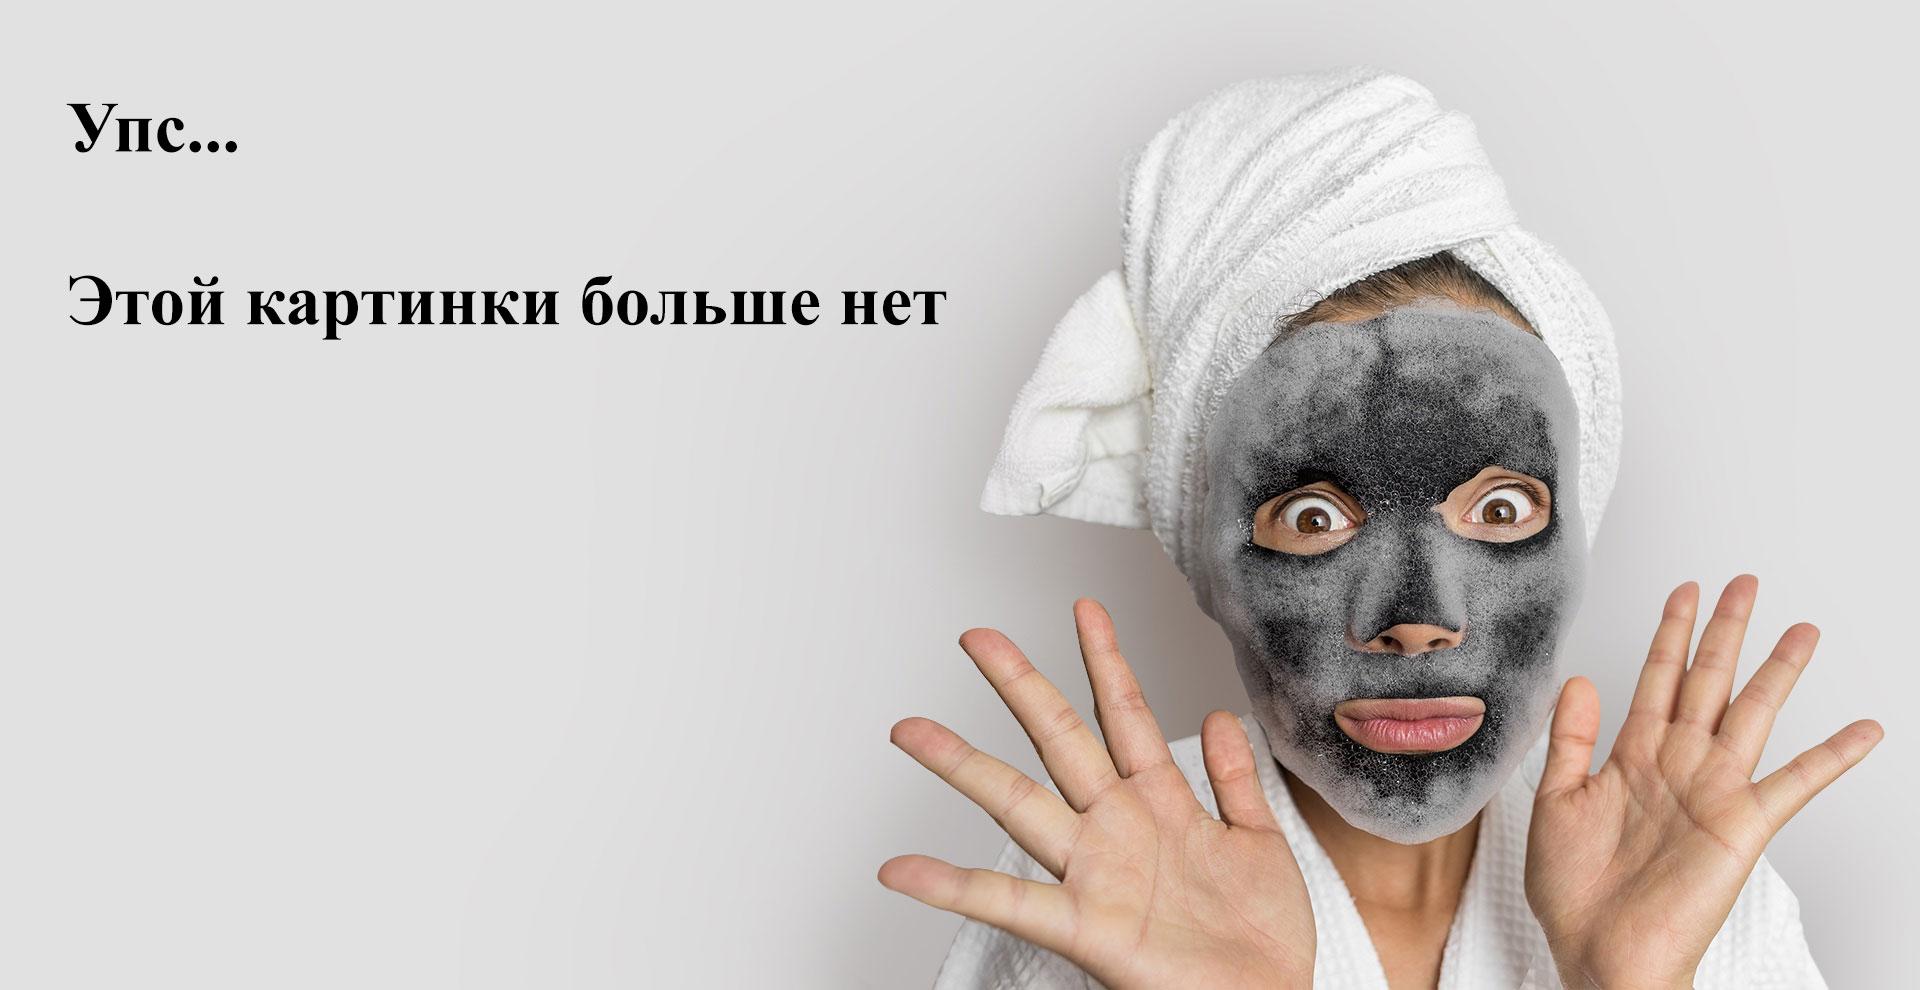 Domix, «Жидкое лезвие», Средство для удаления натоптышей и уплотнений кожи стоп, 70 мл